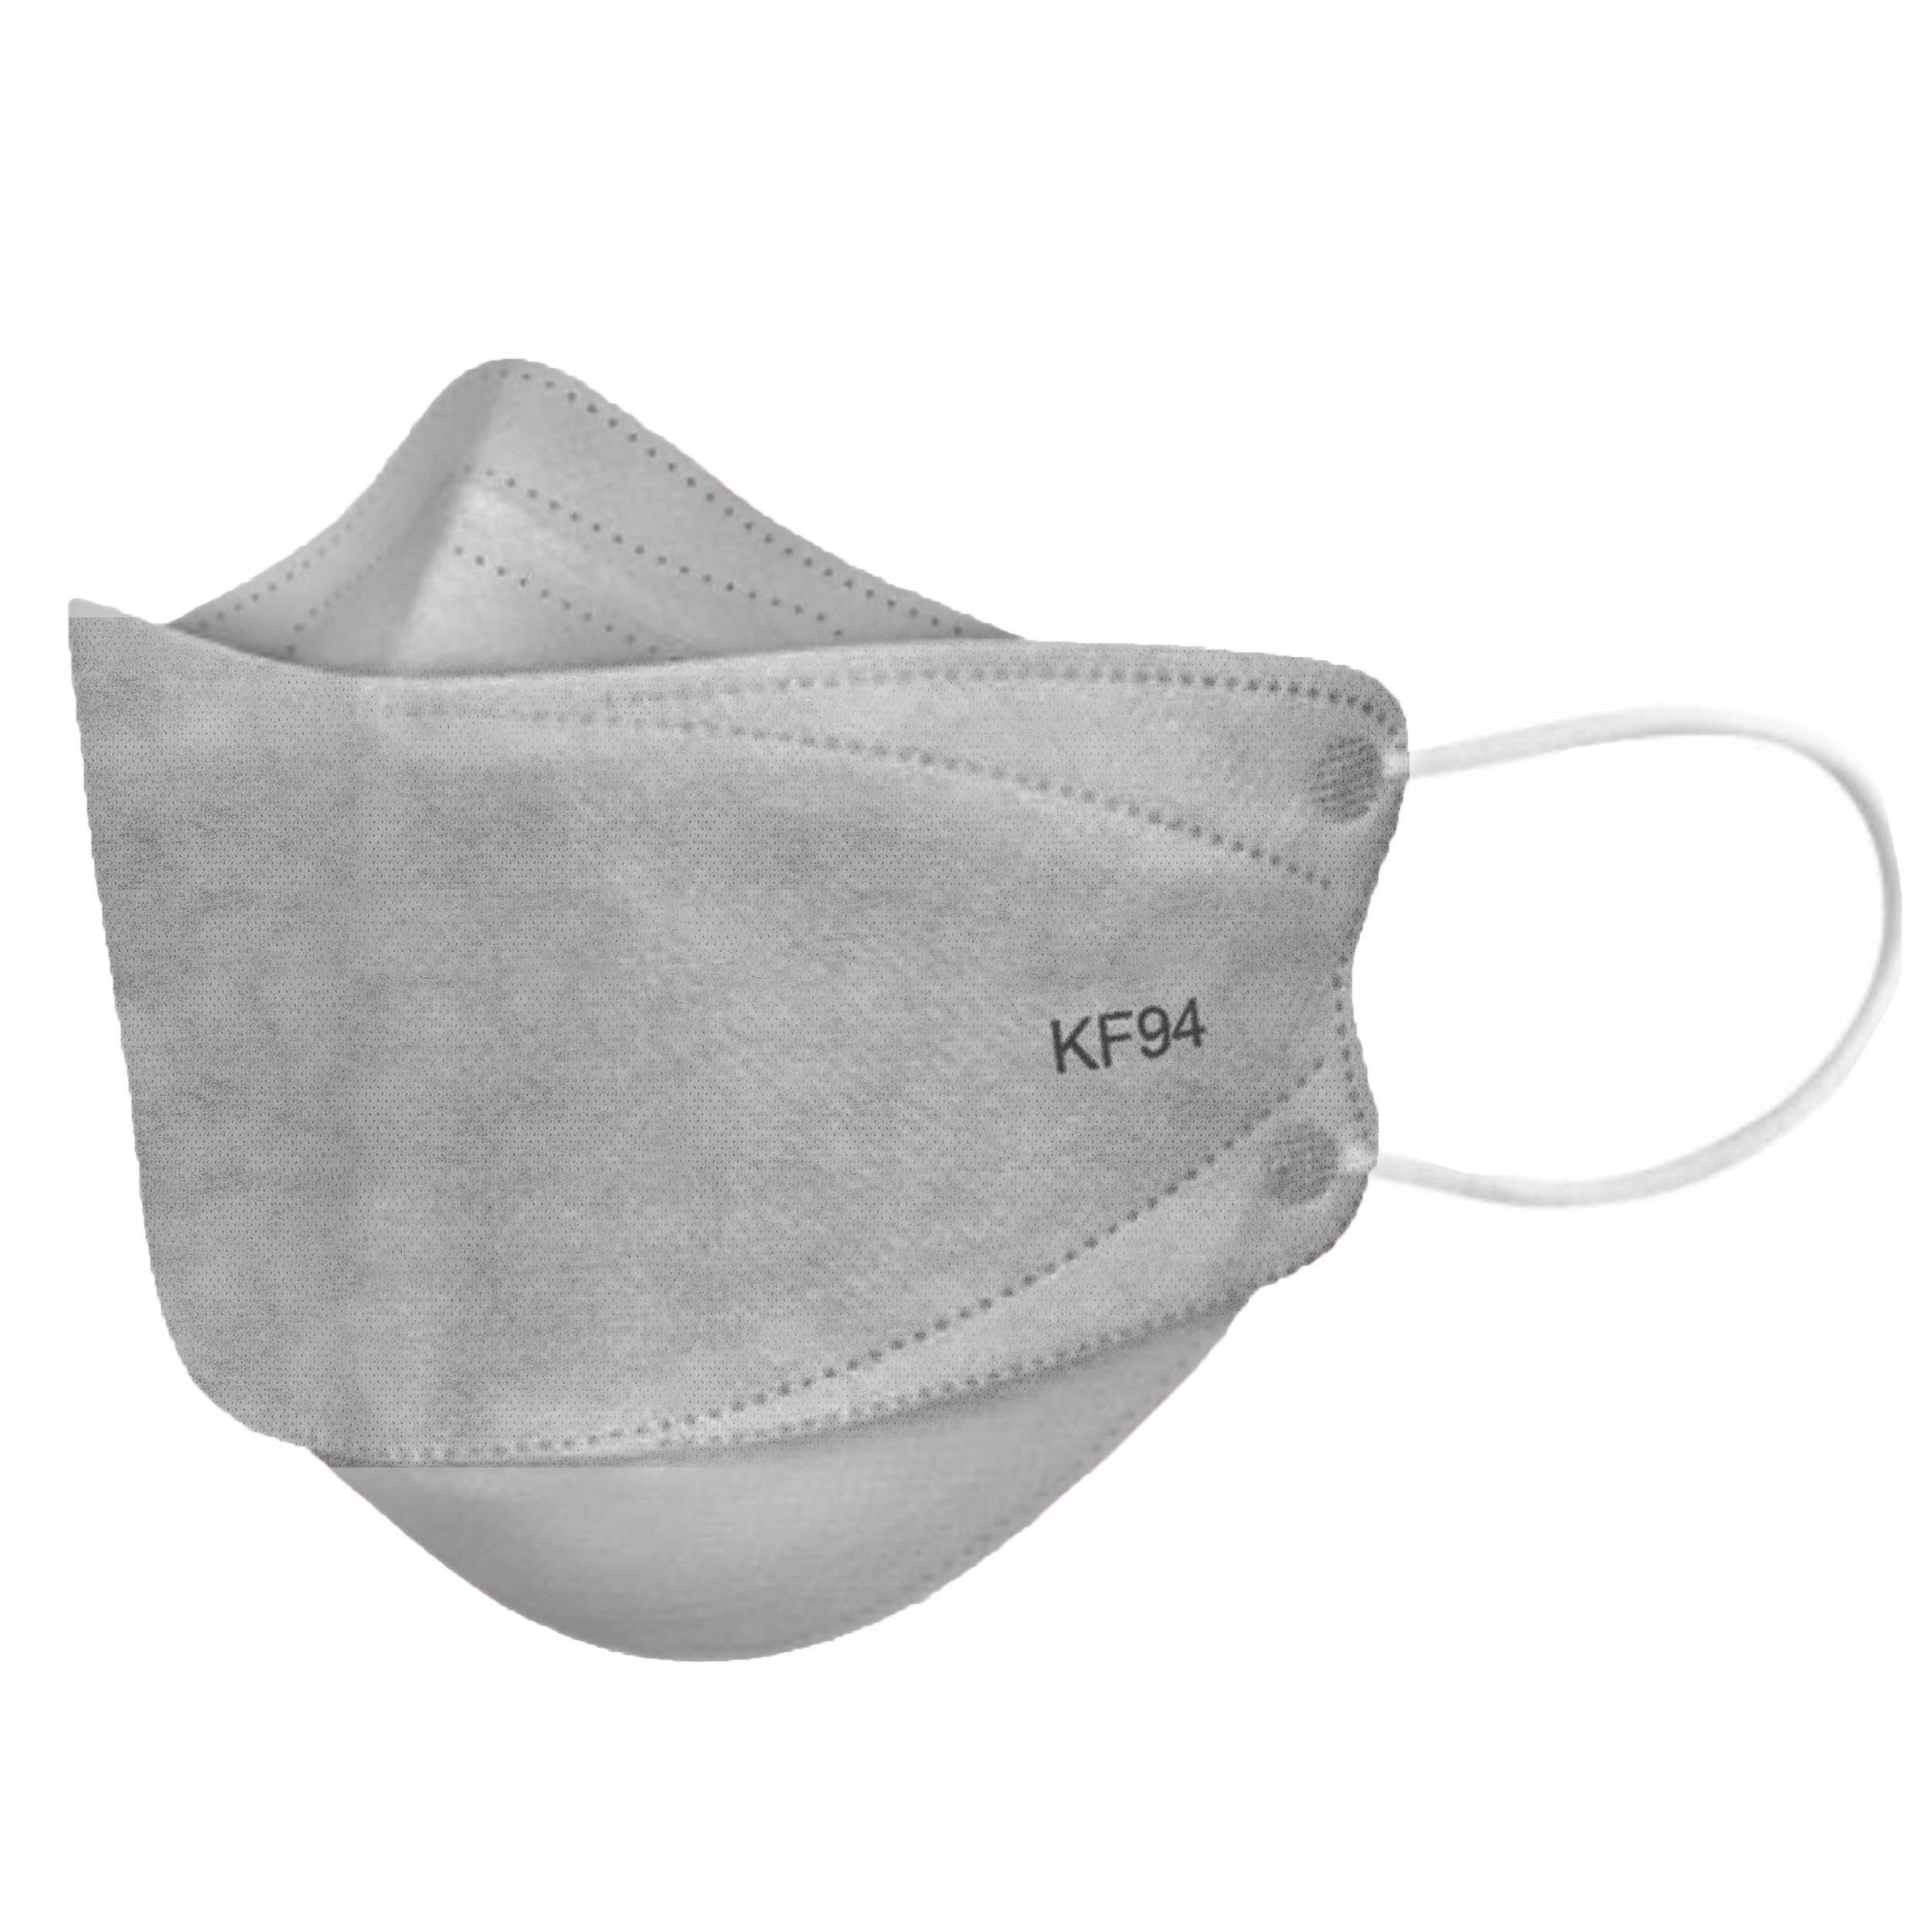 ماسک تنفسی کد 0063TO بسته 25 عددی